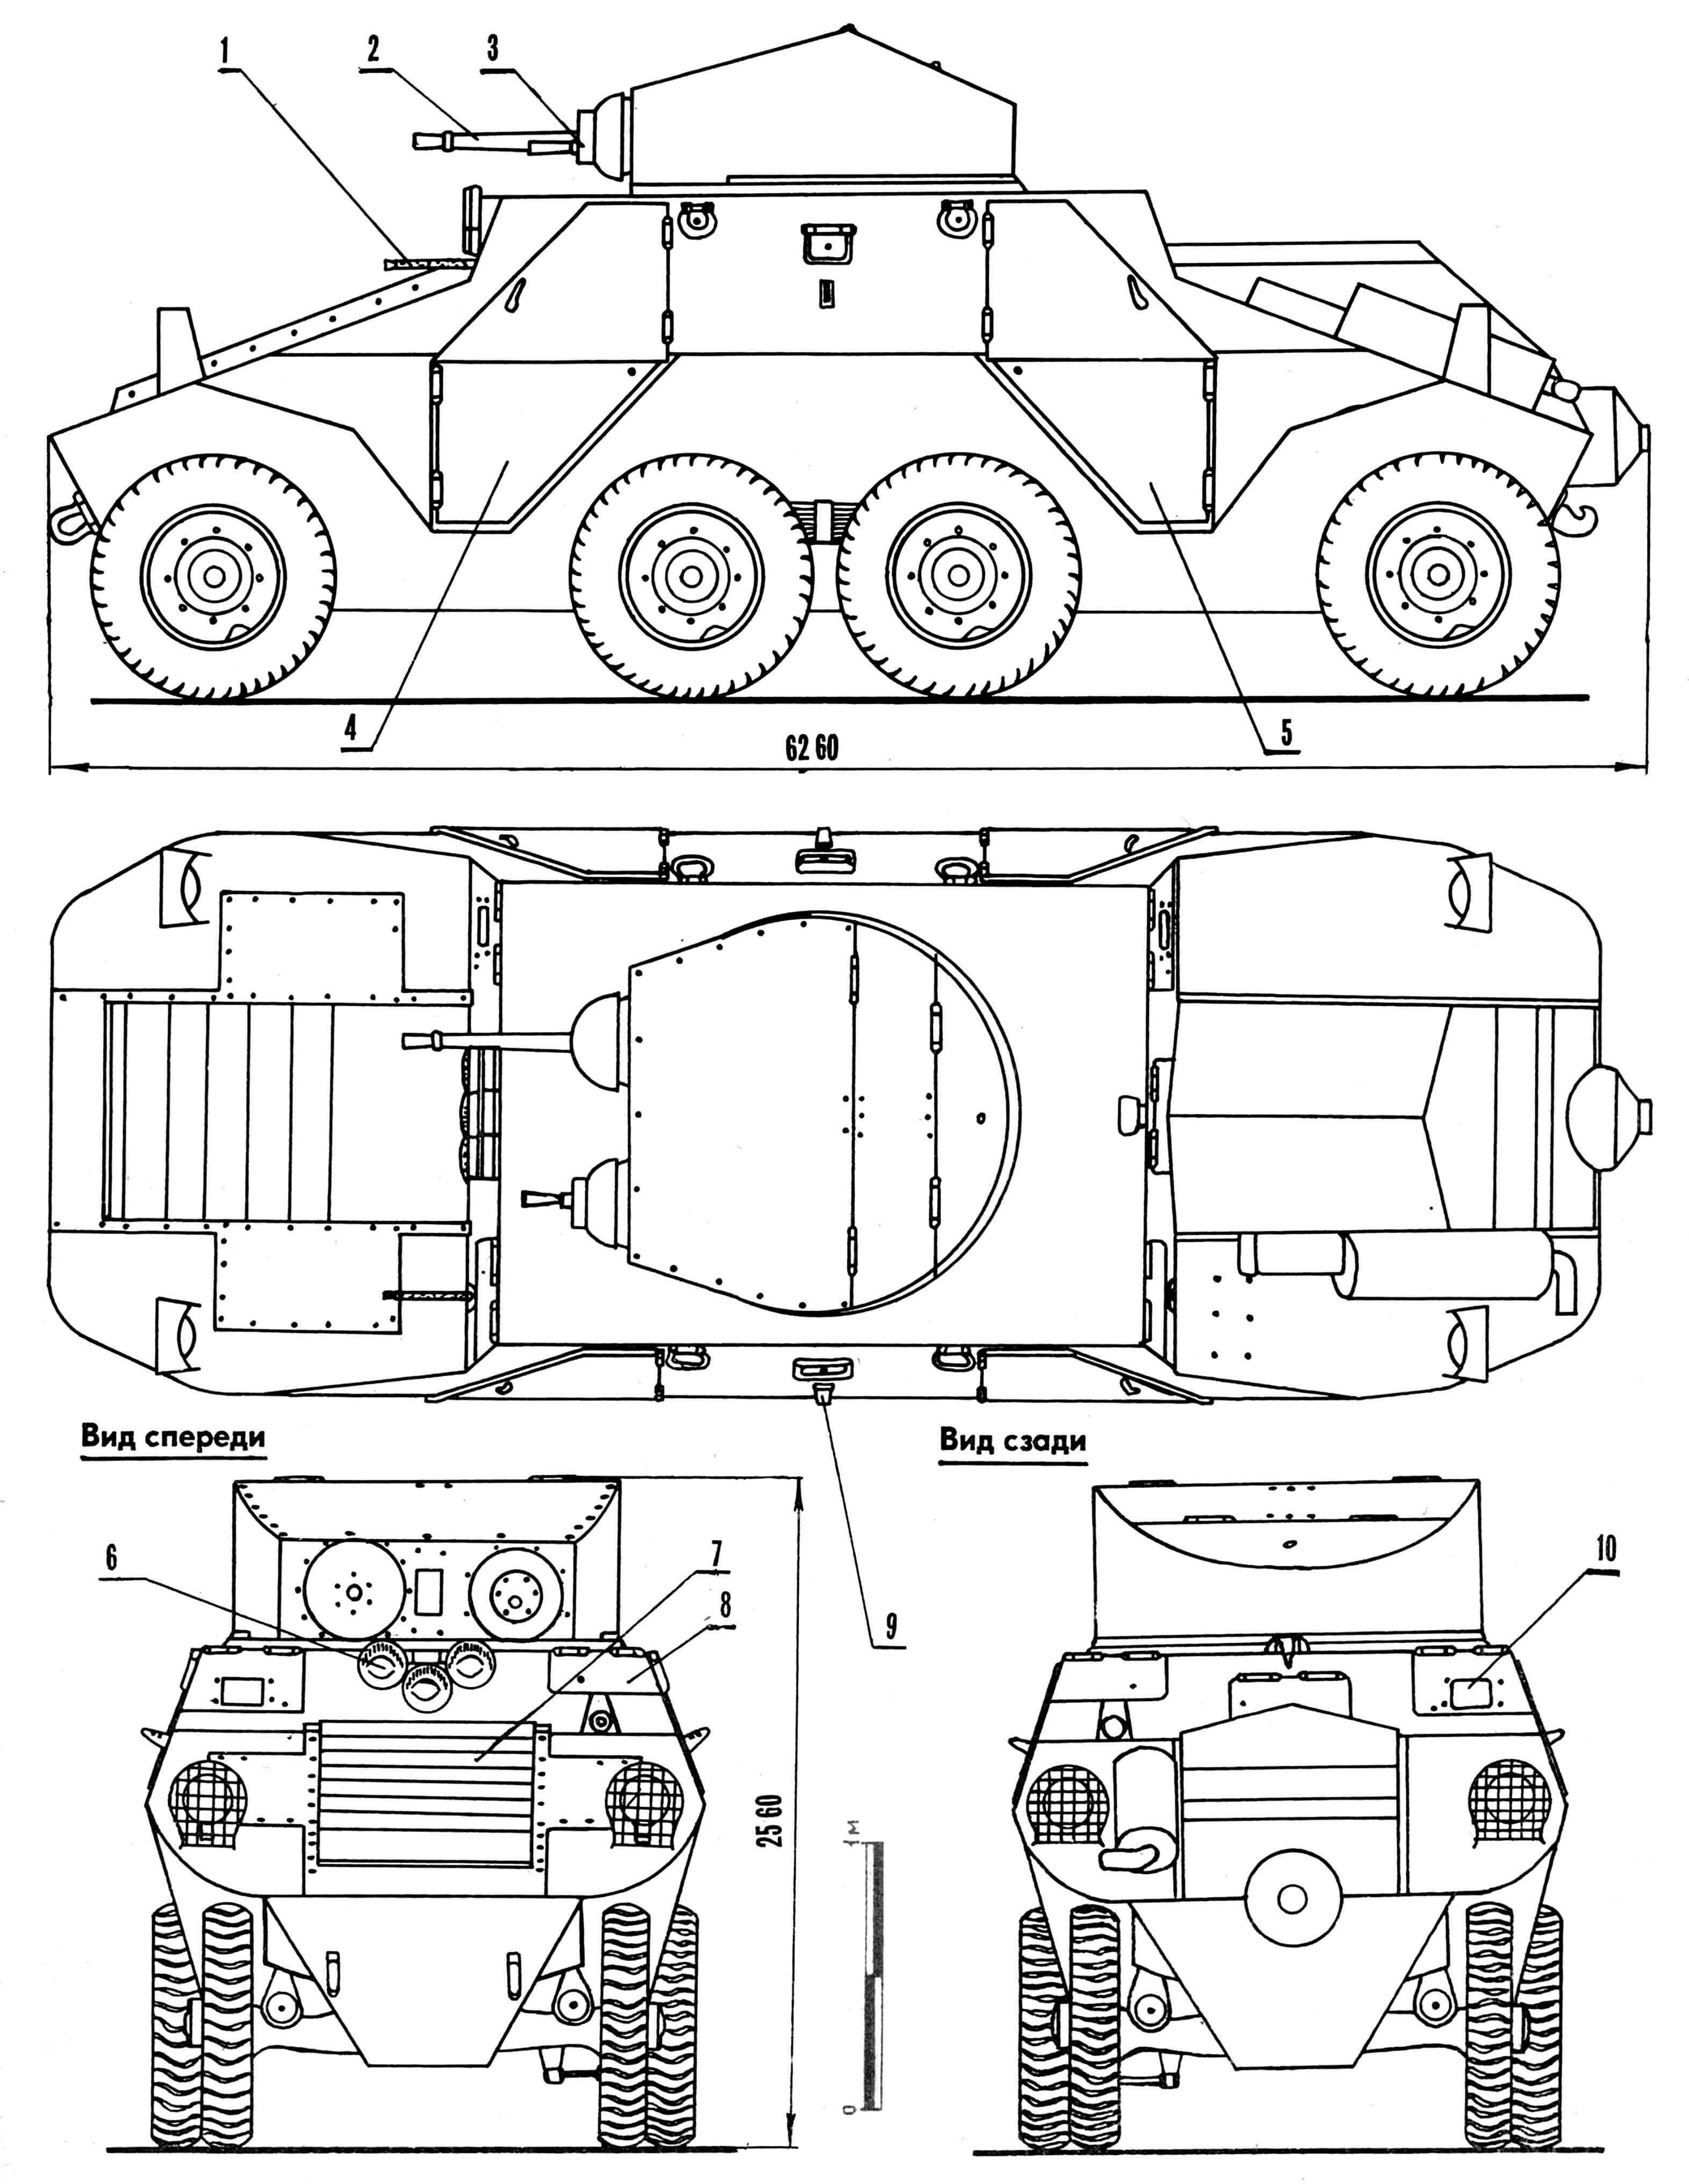 Бронеавтомобиль ADGZ: 1 — пулемет калибра 7,92 мм, 2 — 20-мм пушка, 3 — крупнокалиберный пулемет, 4 — дверь переднего пулеметчика, 5 — дверь заднего пулеметчика, 6 — сигнал, 7 — жалюзи трансмиссионного отделения, 8 — лючок пулеметчика, 9 — стопор крепления дверей по-походному, 10 — лючок механика-водителя.